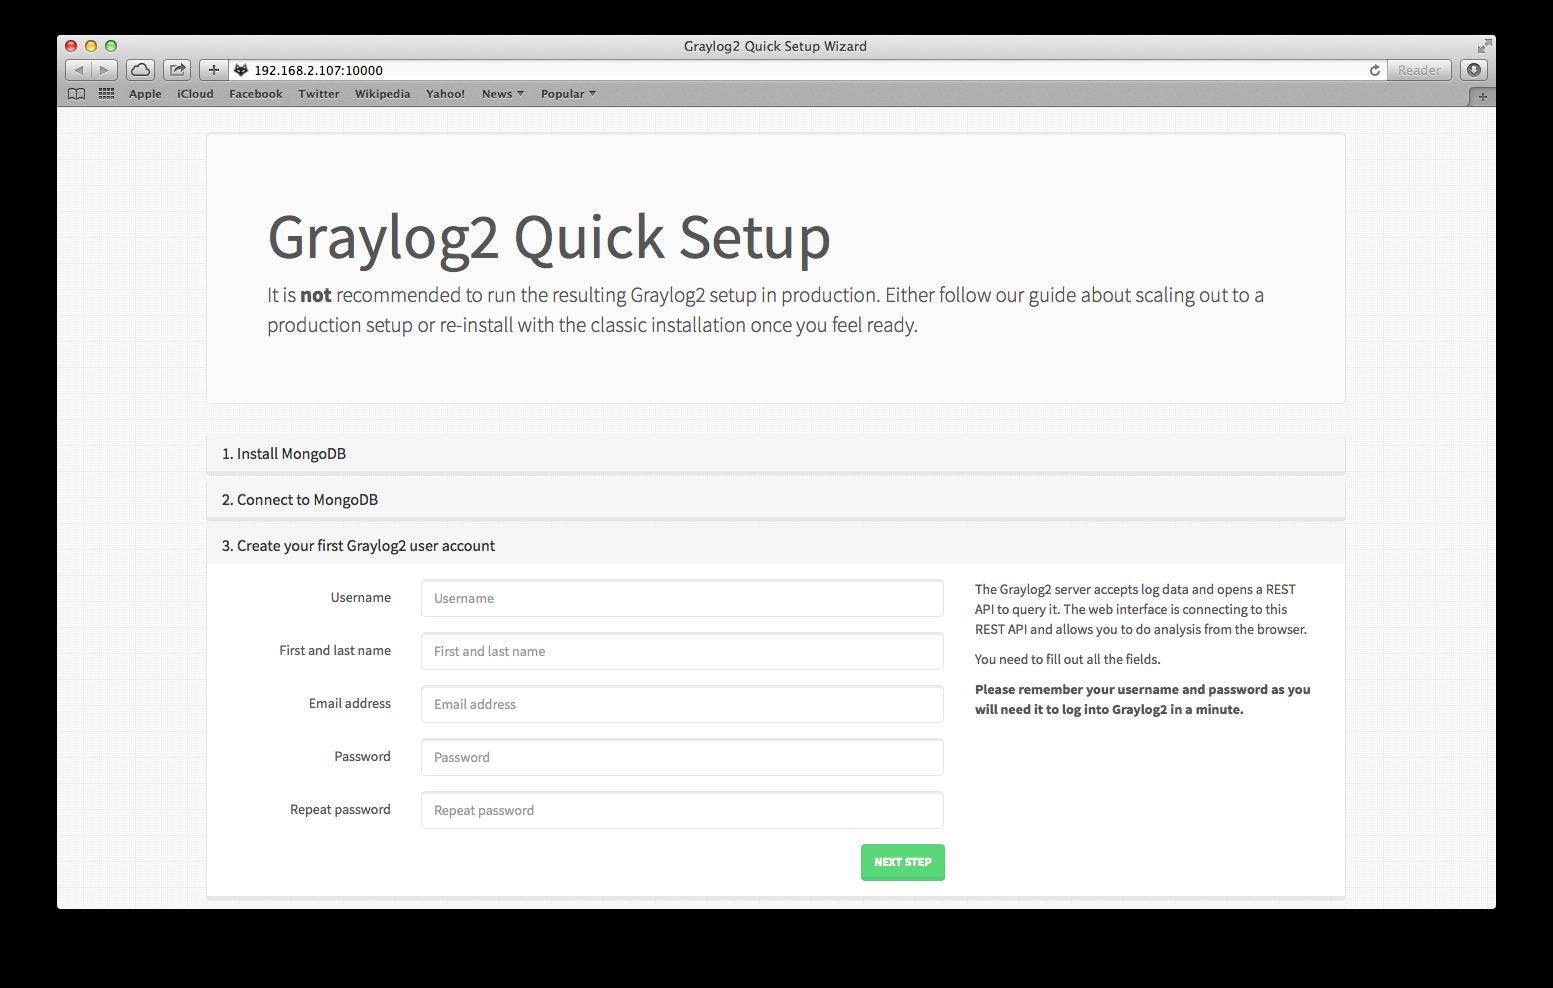 graylog2_quick_setup